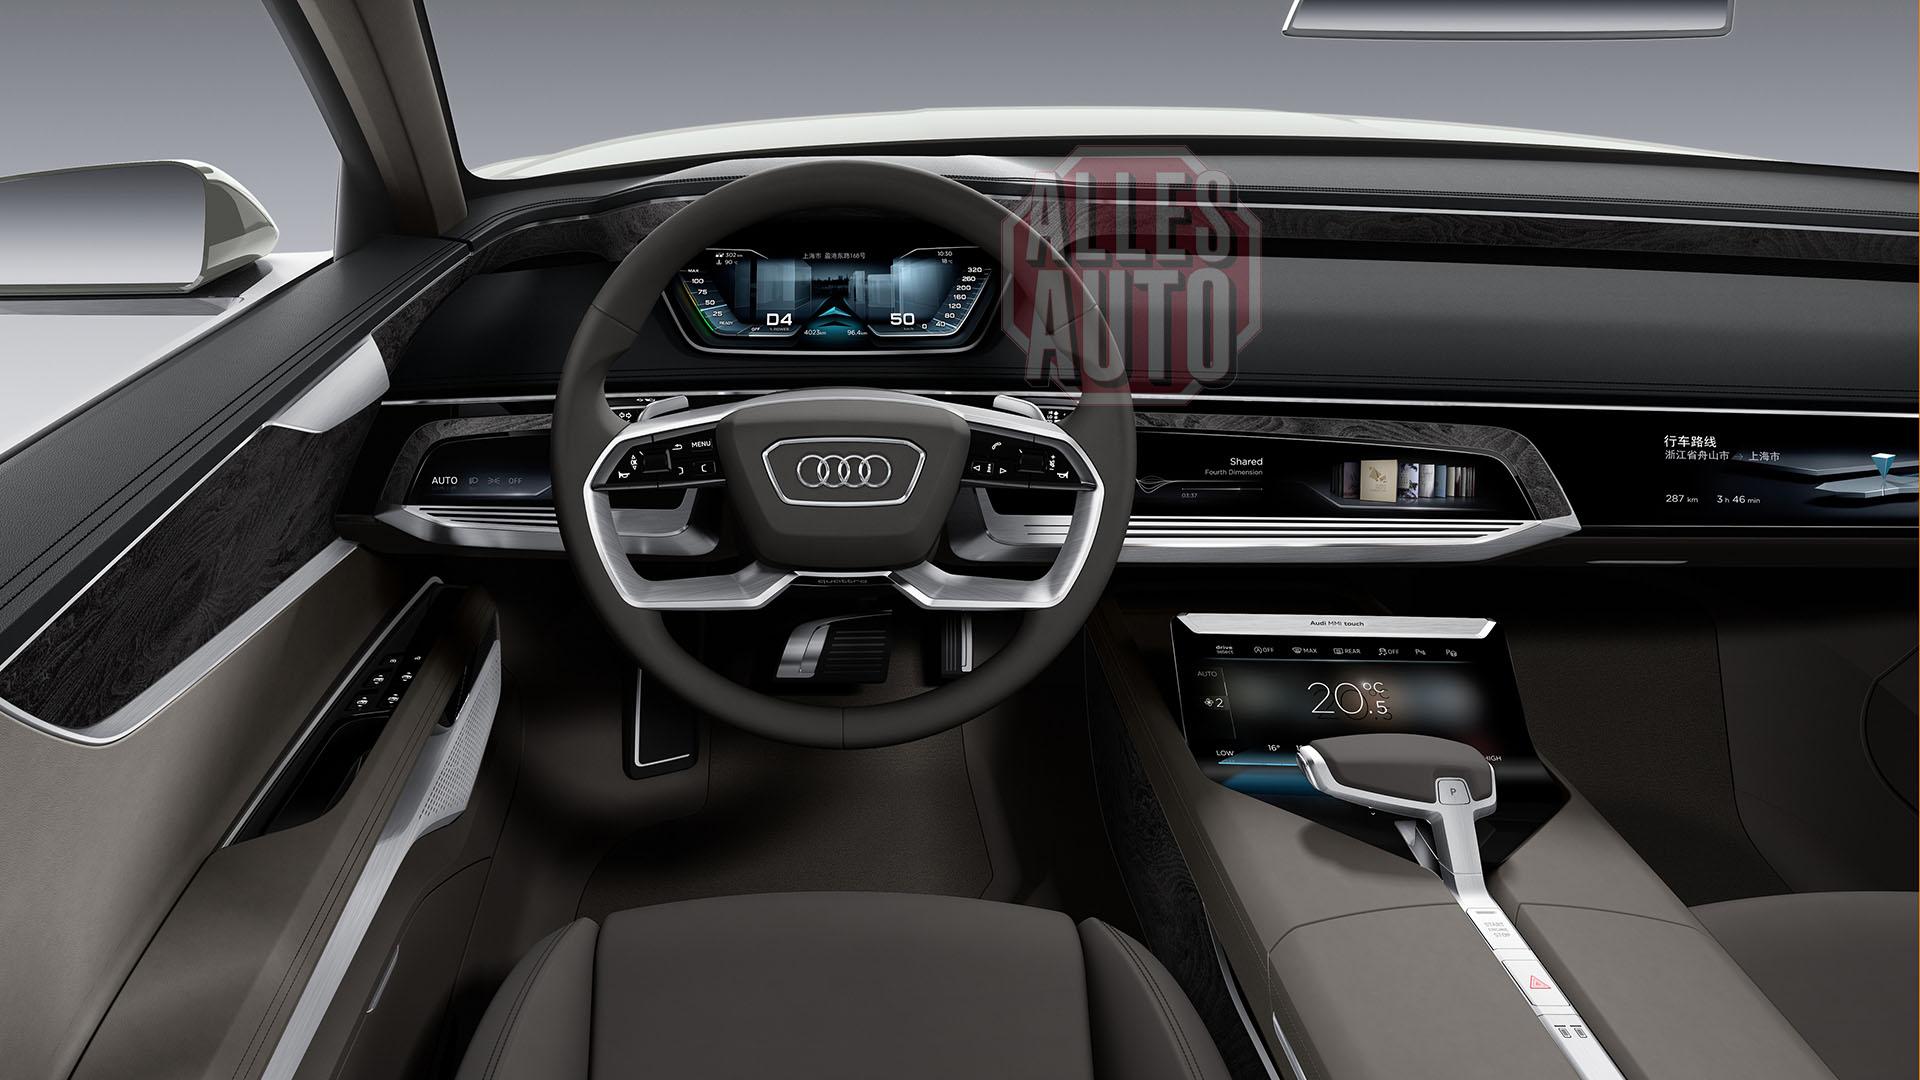 Trau Di Audi Das Wird Der Neue A6 Alles Auto